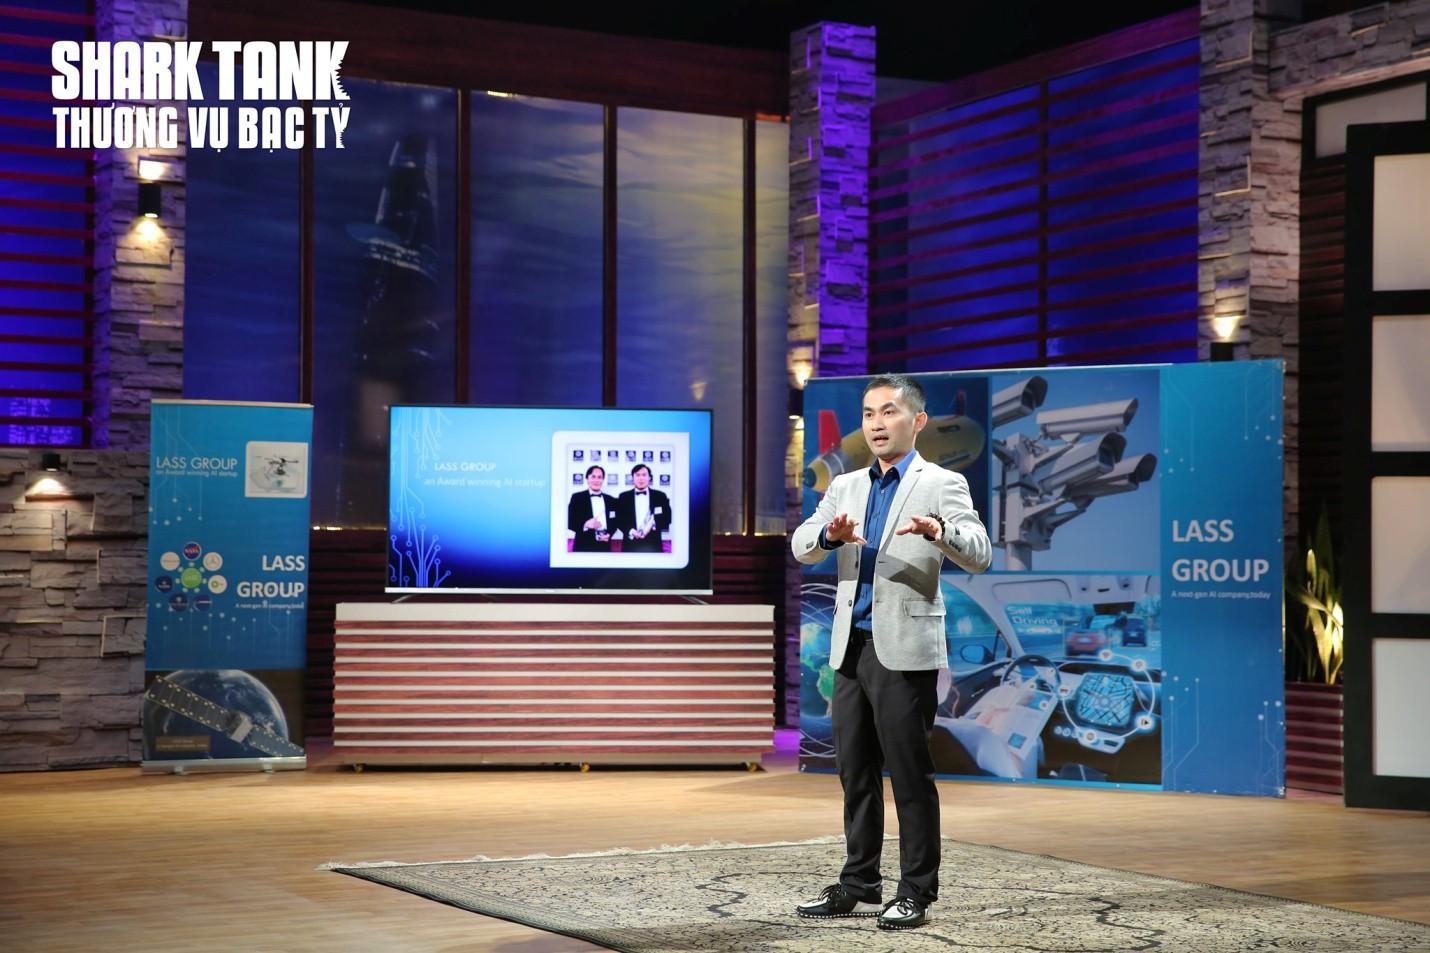 Tham vọng sánh ngang Google, chàng Việt kiều gọi vốn 5 triệu USD trên Shark Tank Việt Nam - Ảnh 1.